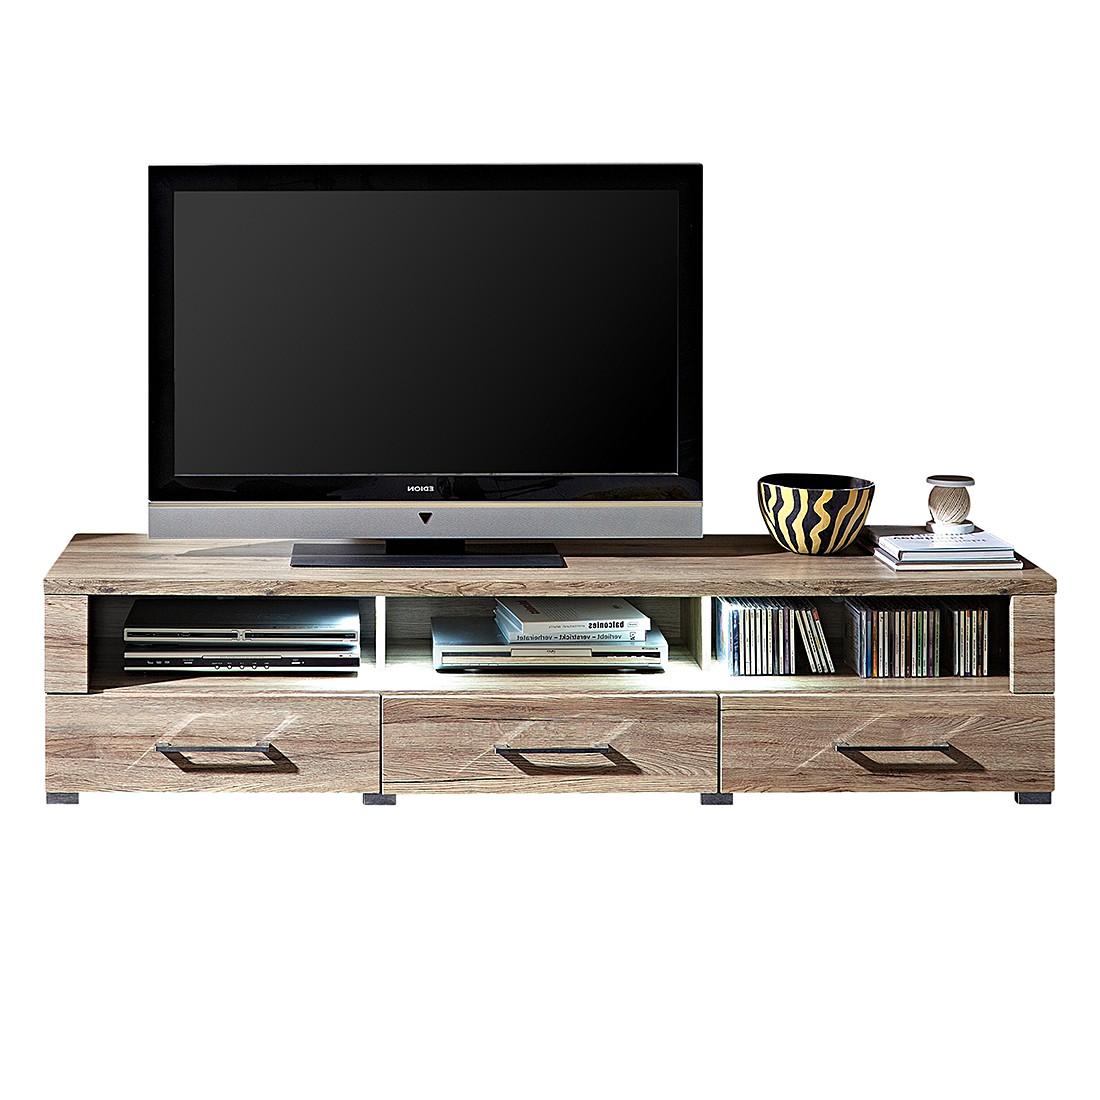 View images meuble bar conforama meubles u conforama for Meuble bar conforama